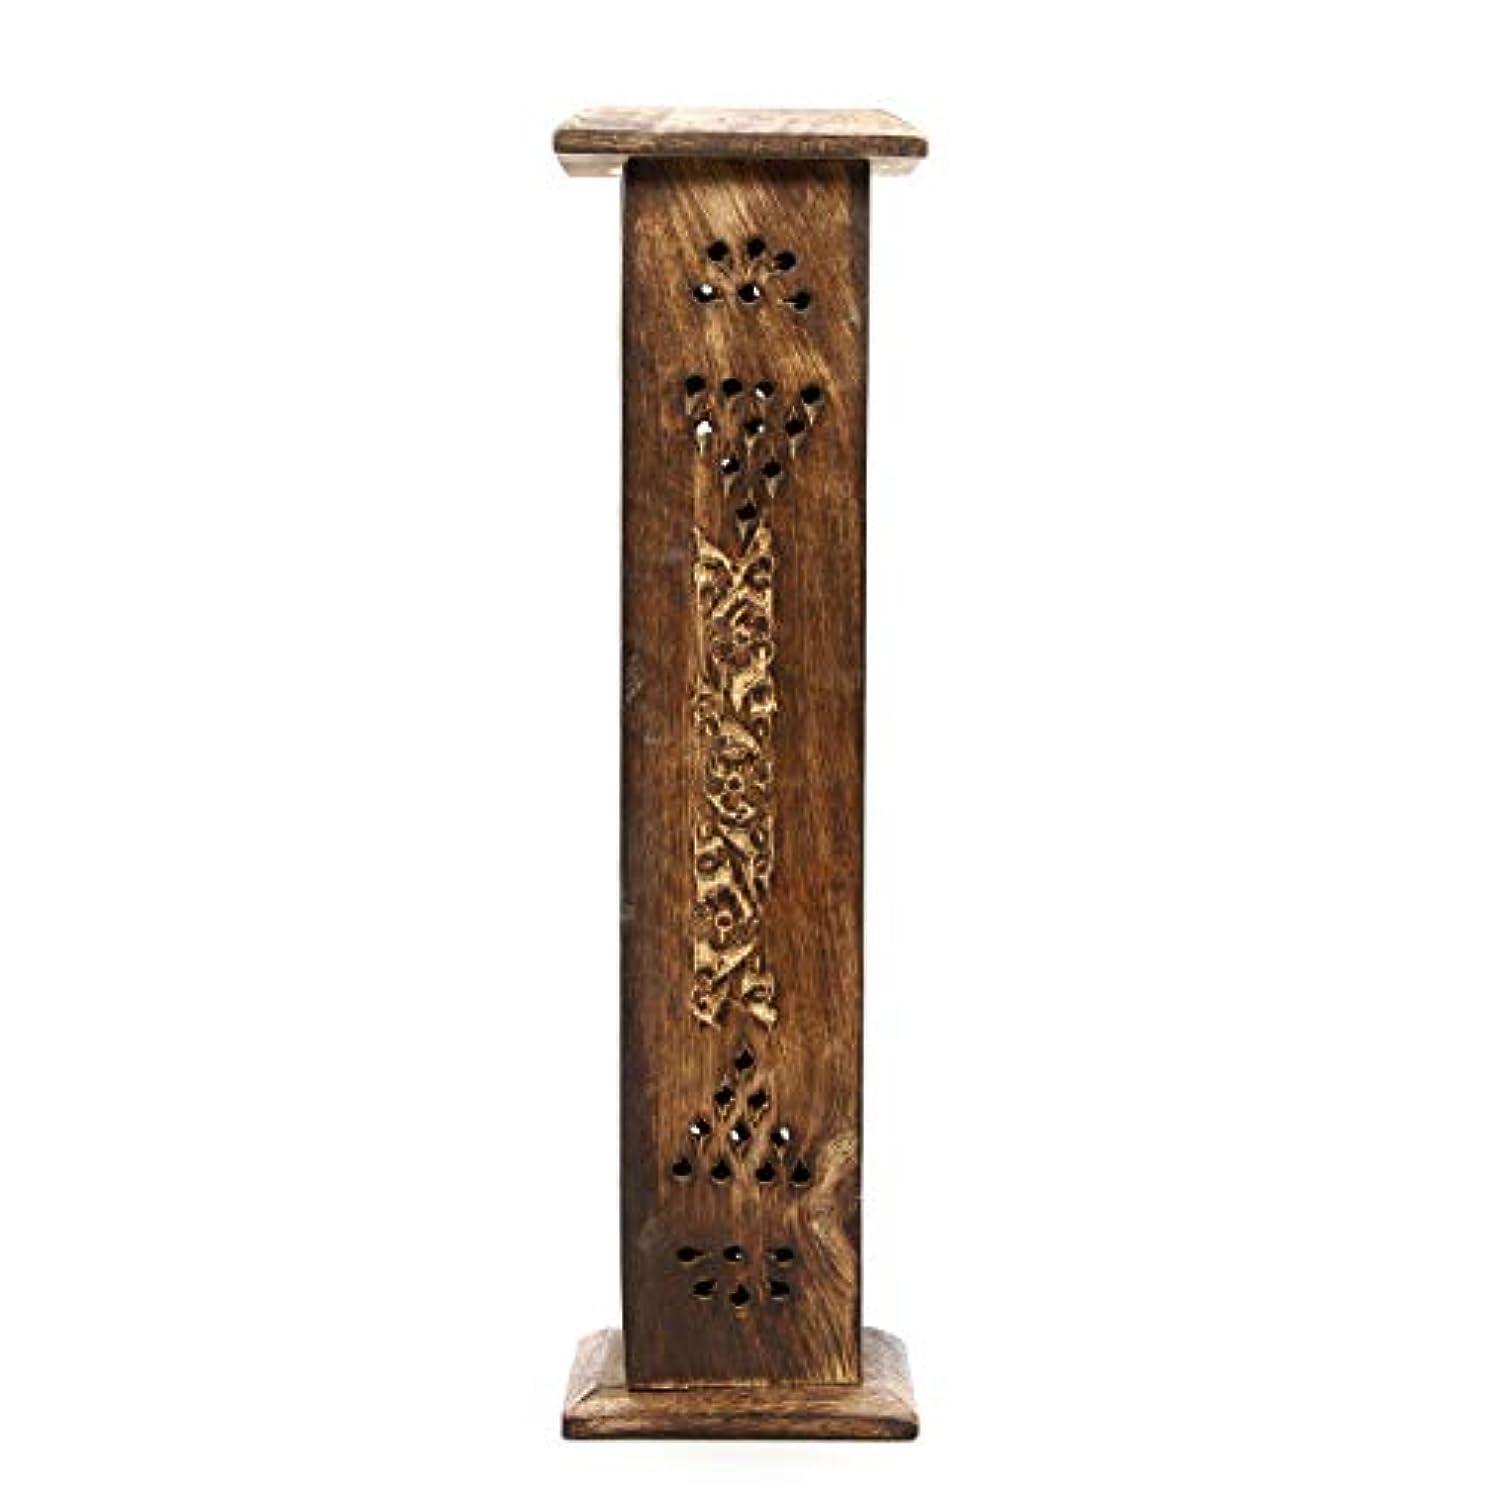 突き出す動物園平手打ちHosley's Wood Incense Tower with 20 Incense Sticks - 30cm High. Ideal Gift for Aromatherapy, Zen, Spa, Vastu,...